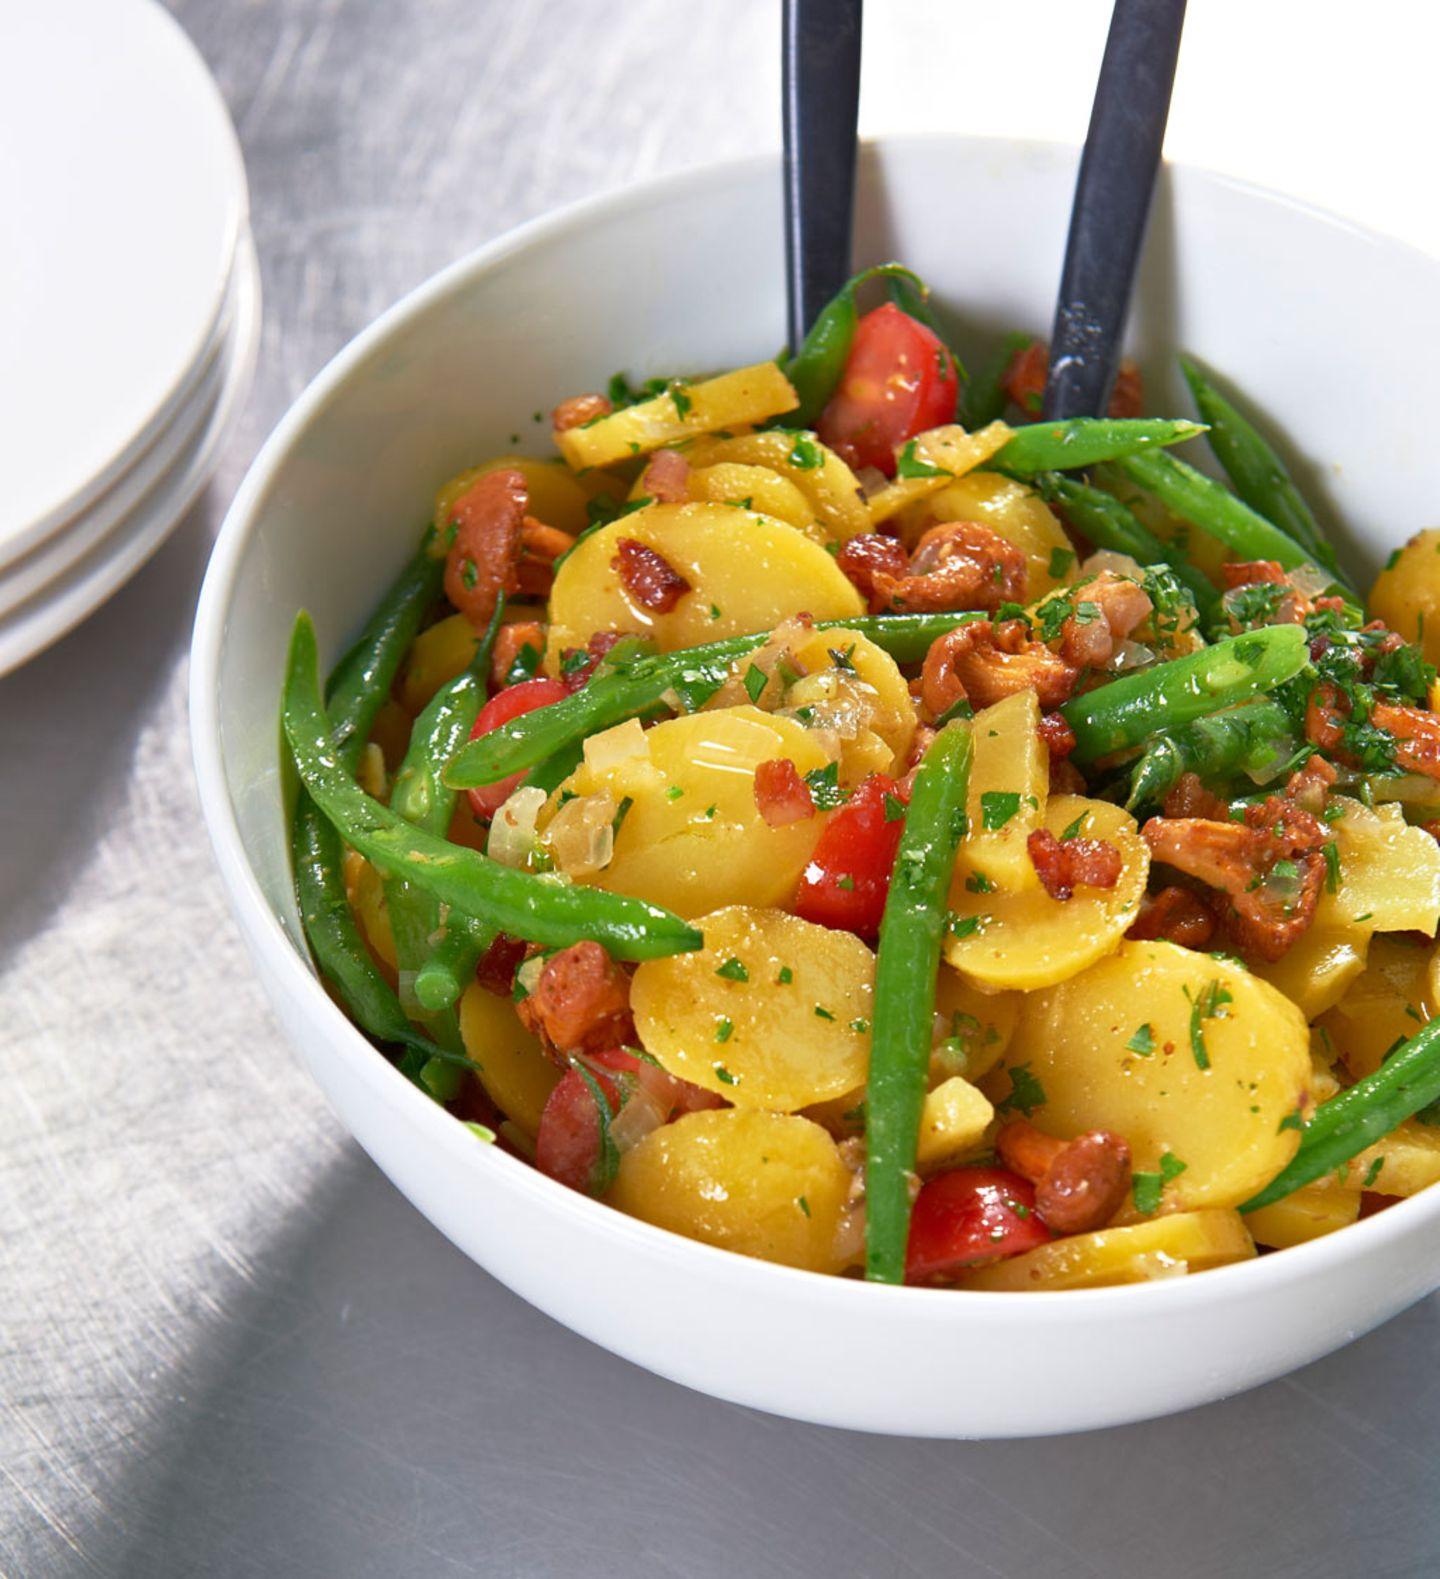 Alles, was wir lieben: Kartoffelsalat mit Bohnen und Pfifferlingen